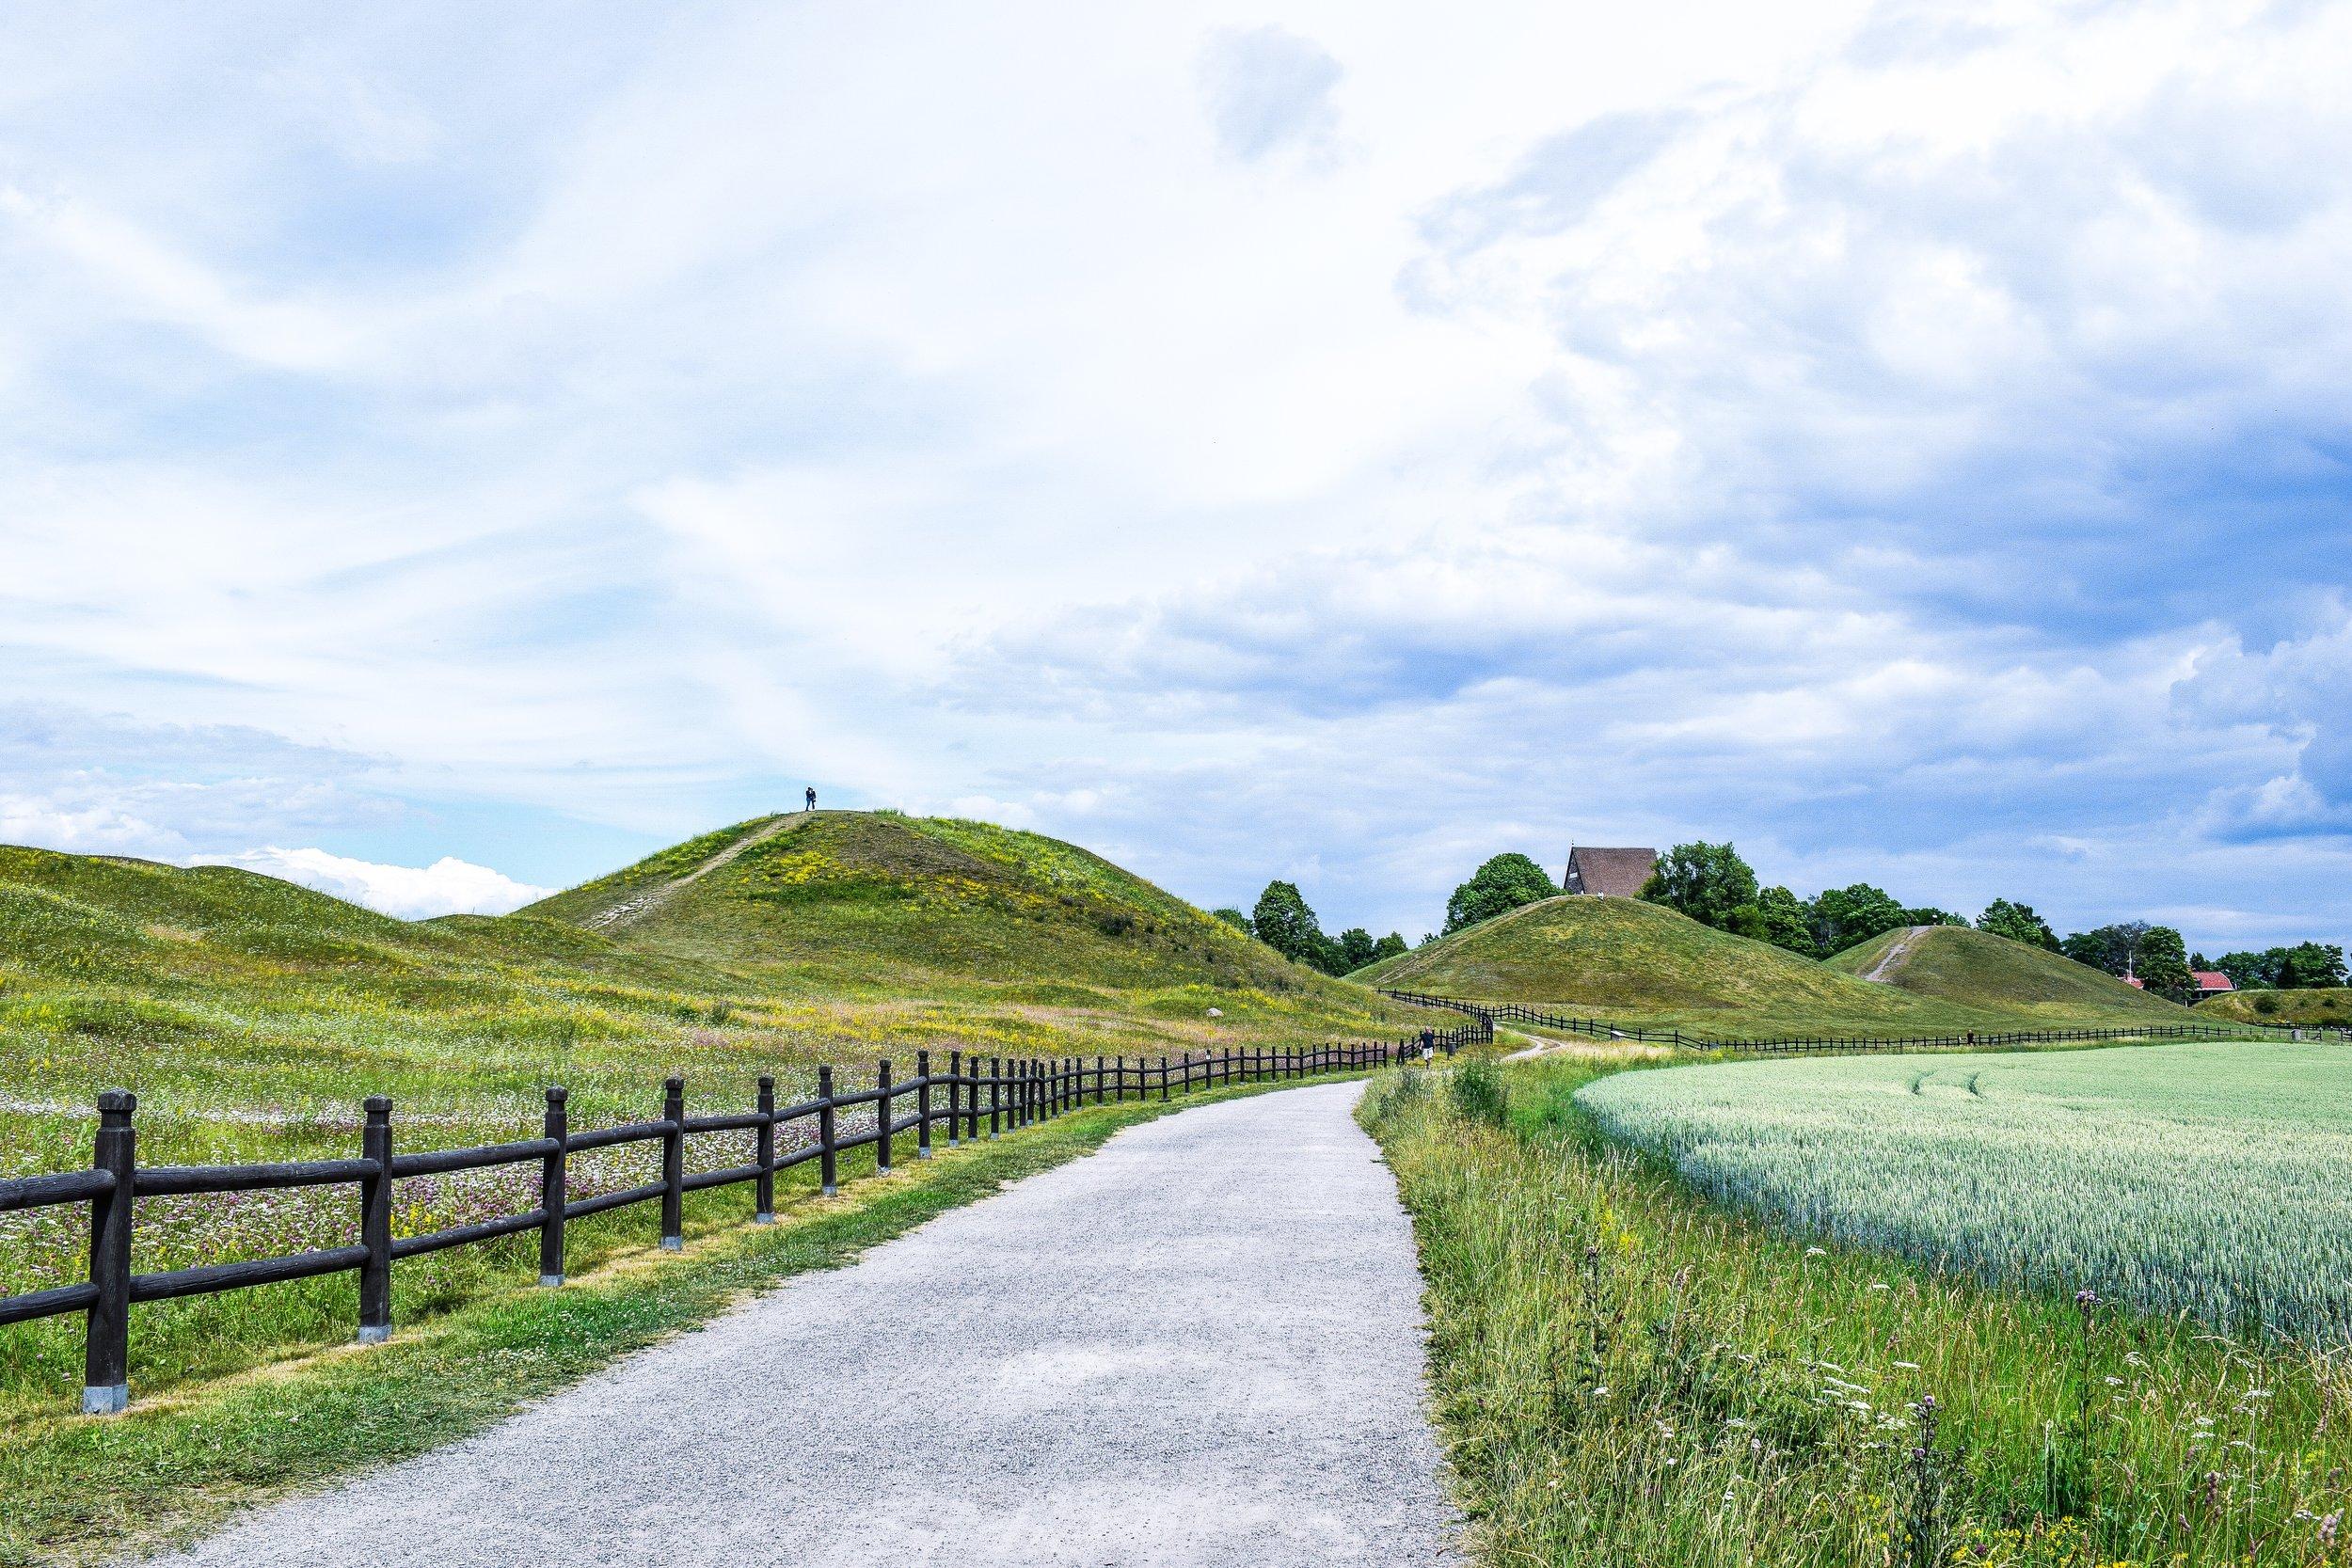 gamla_uppsala_kings_mounds2.jpeg